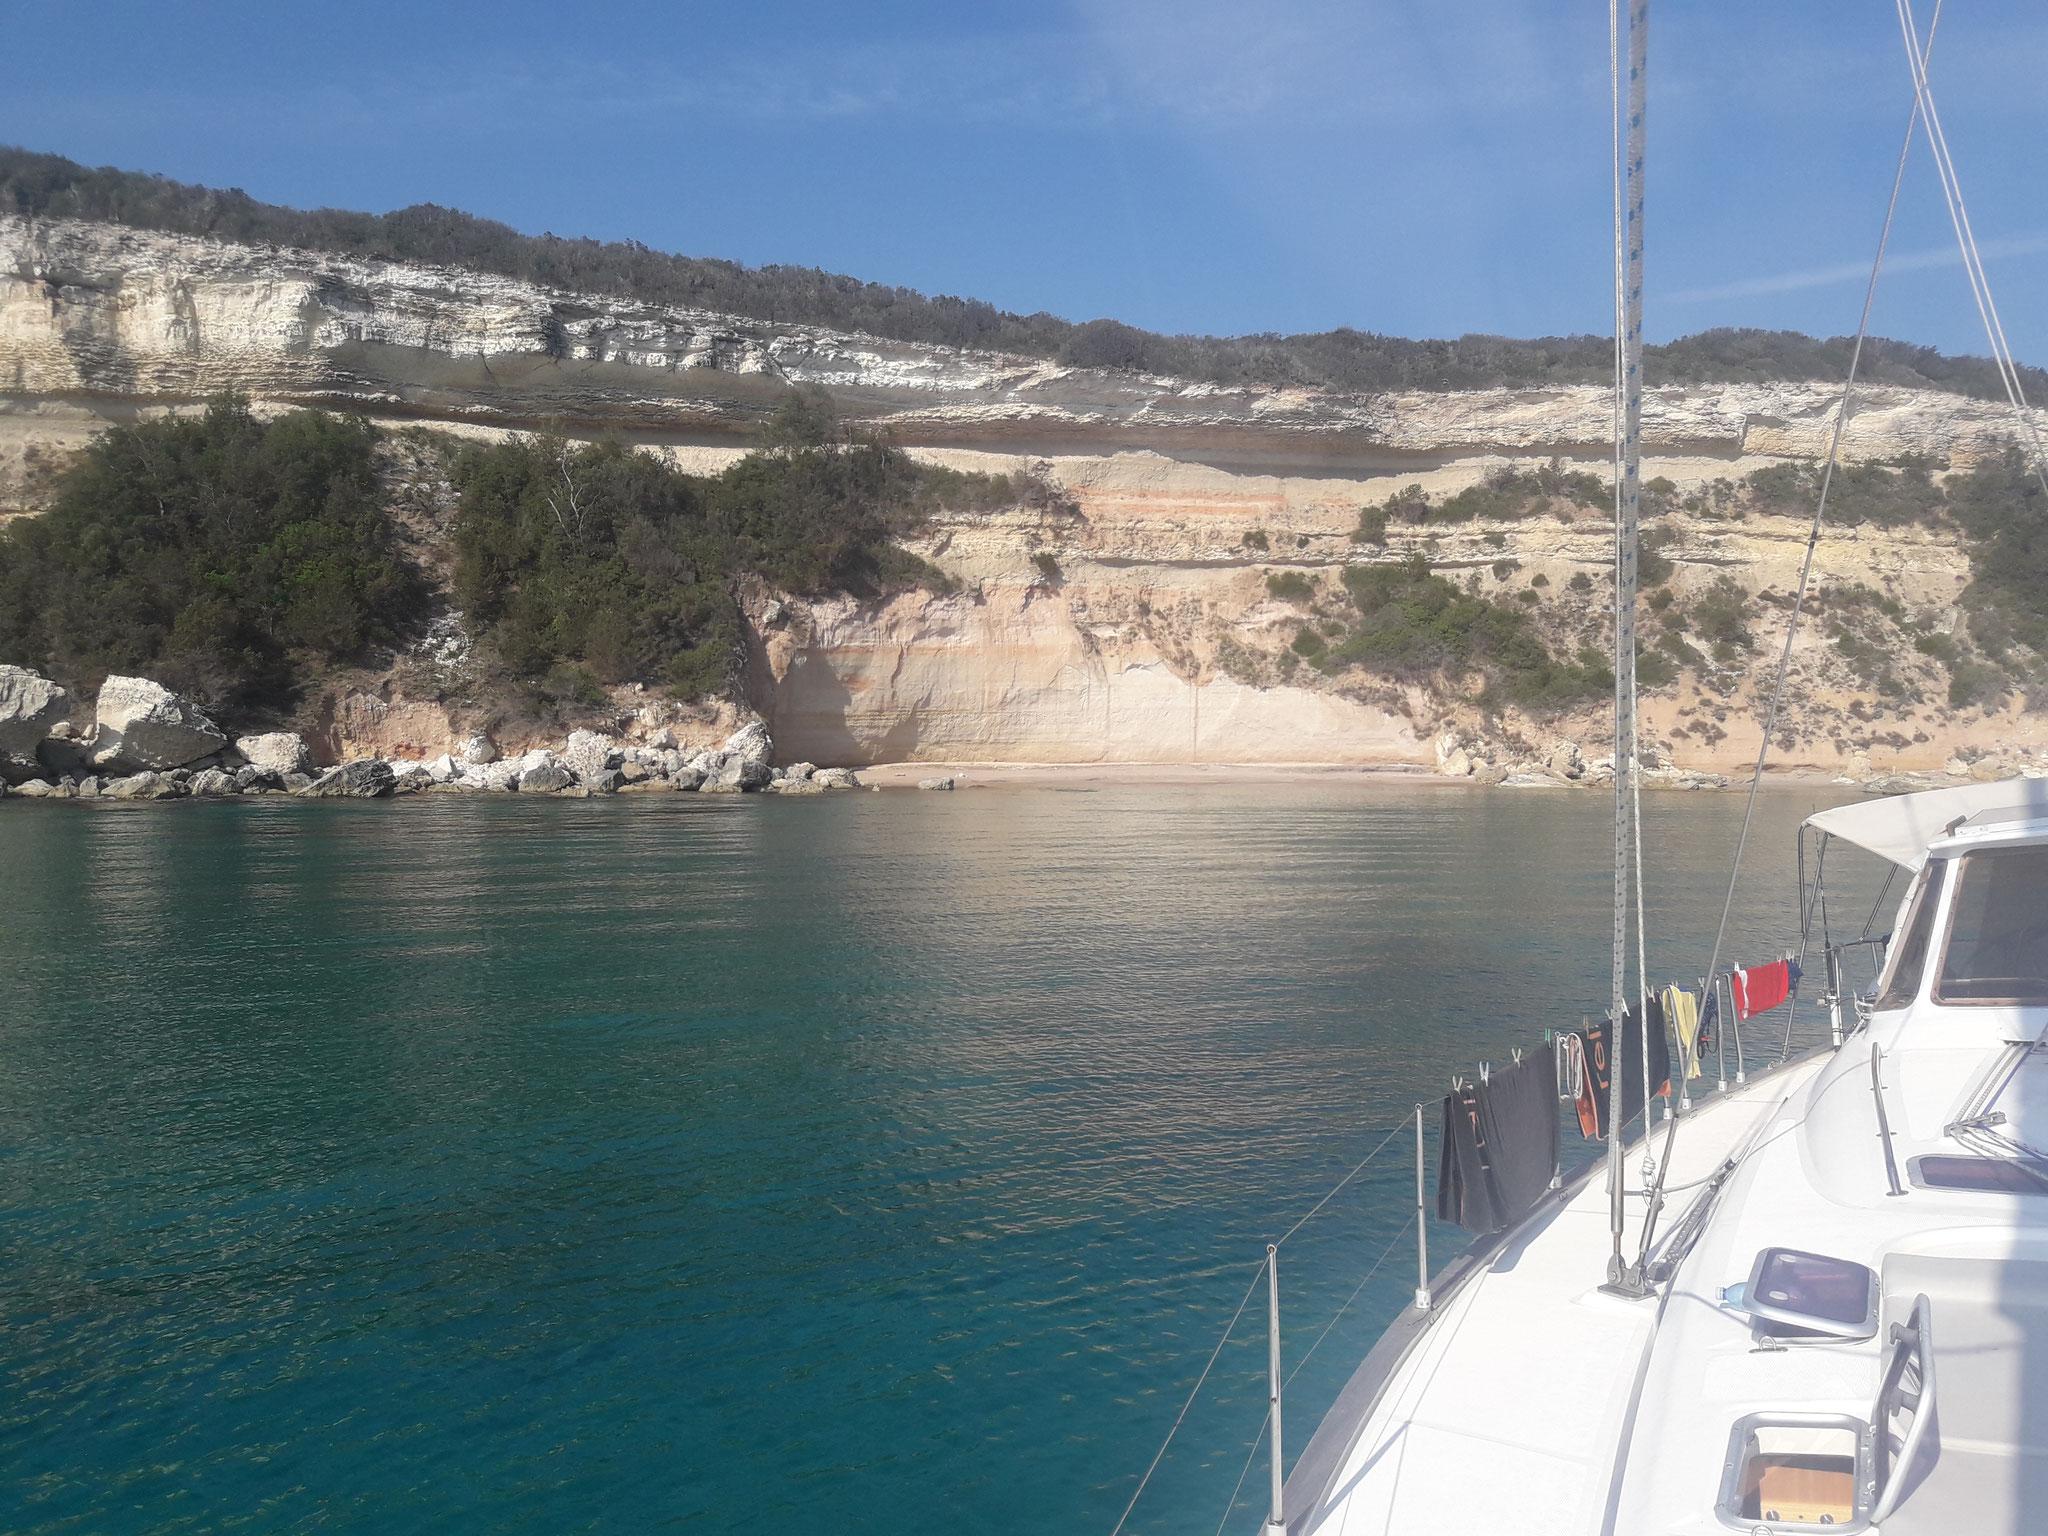 Capo Bianco auf Korsika klares Wasser lädt zum Baden ein. Vom Boot ins Wasser springen